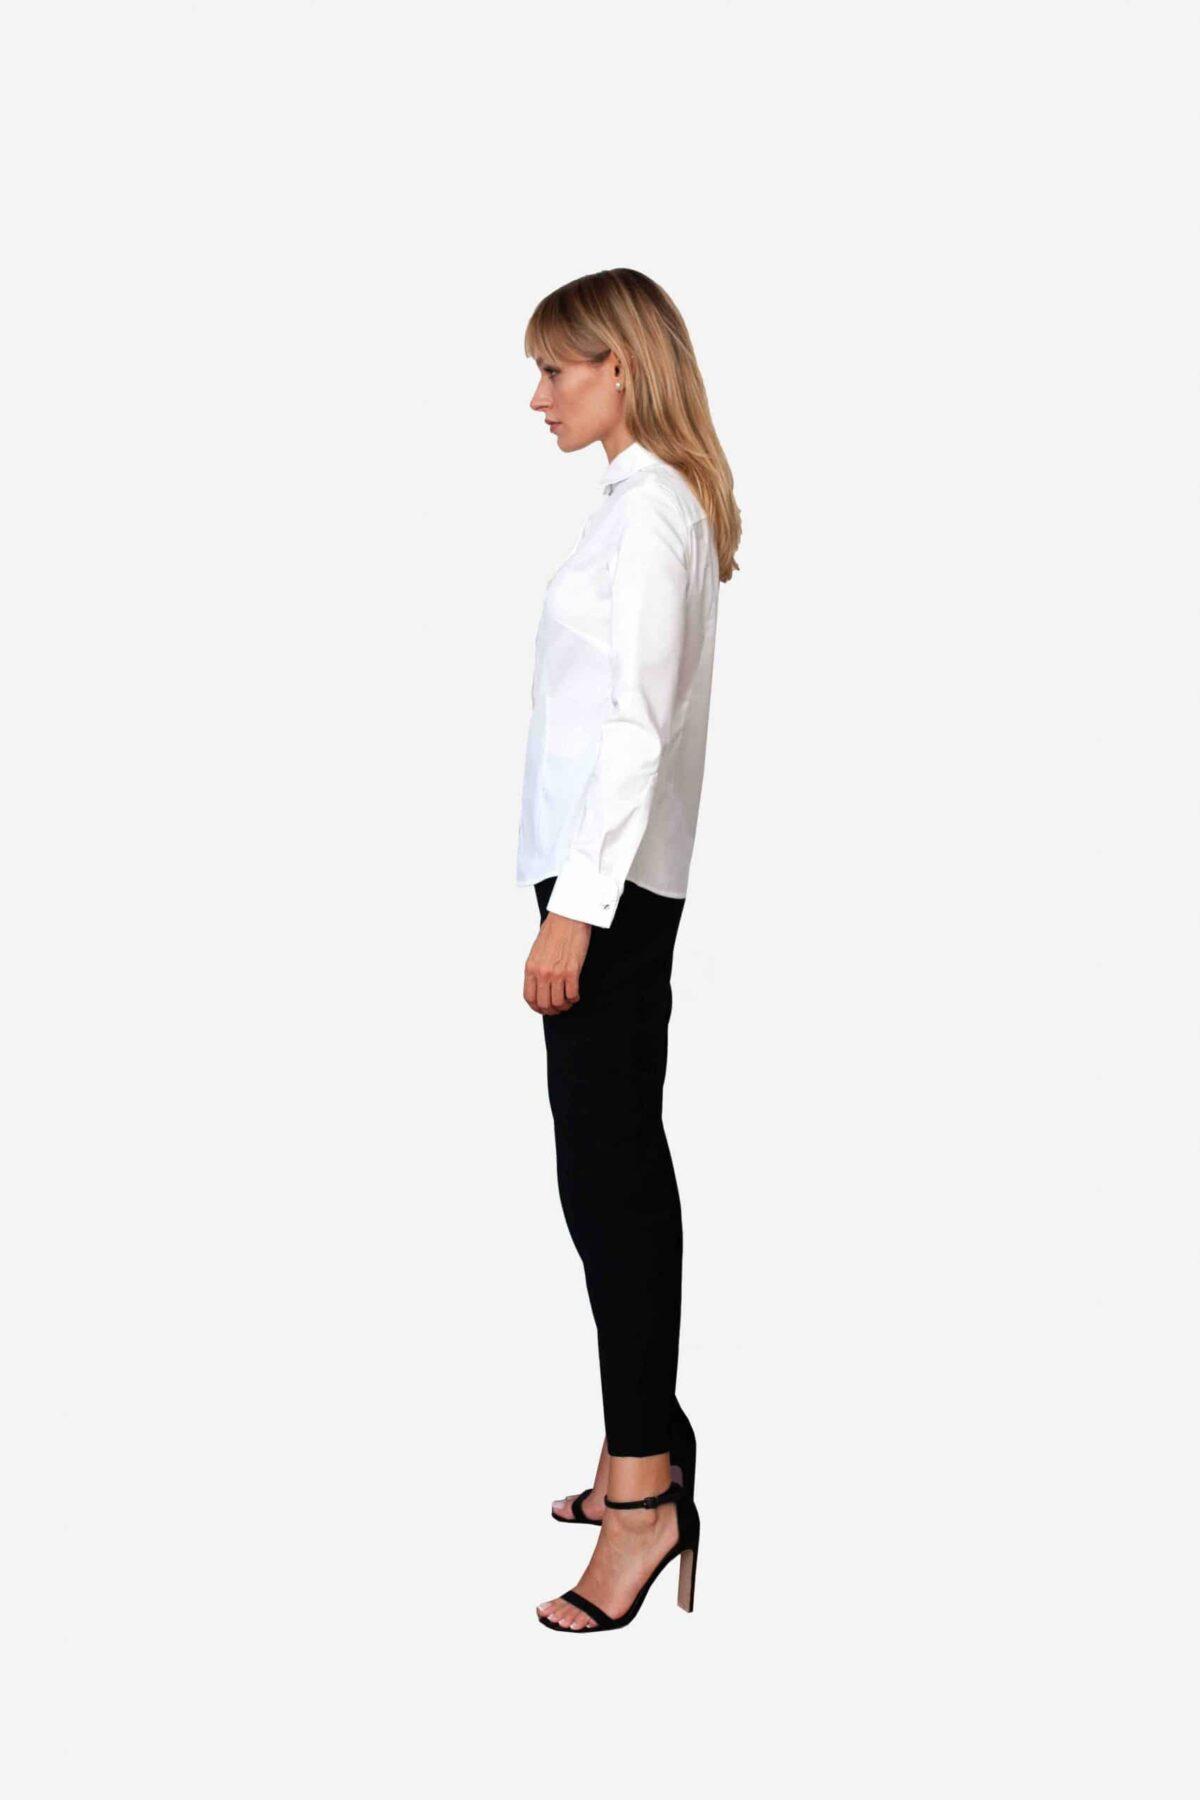 Bluse Michelle von SANOGE. Klassische Business Bluse in weiß. Made in Germany. Pflegeleicht, besonders atmungsaktiv, knitterarm, easy care.